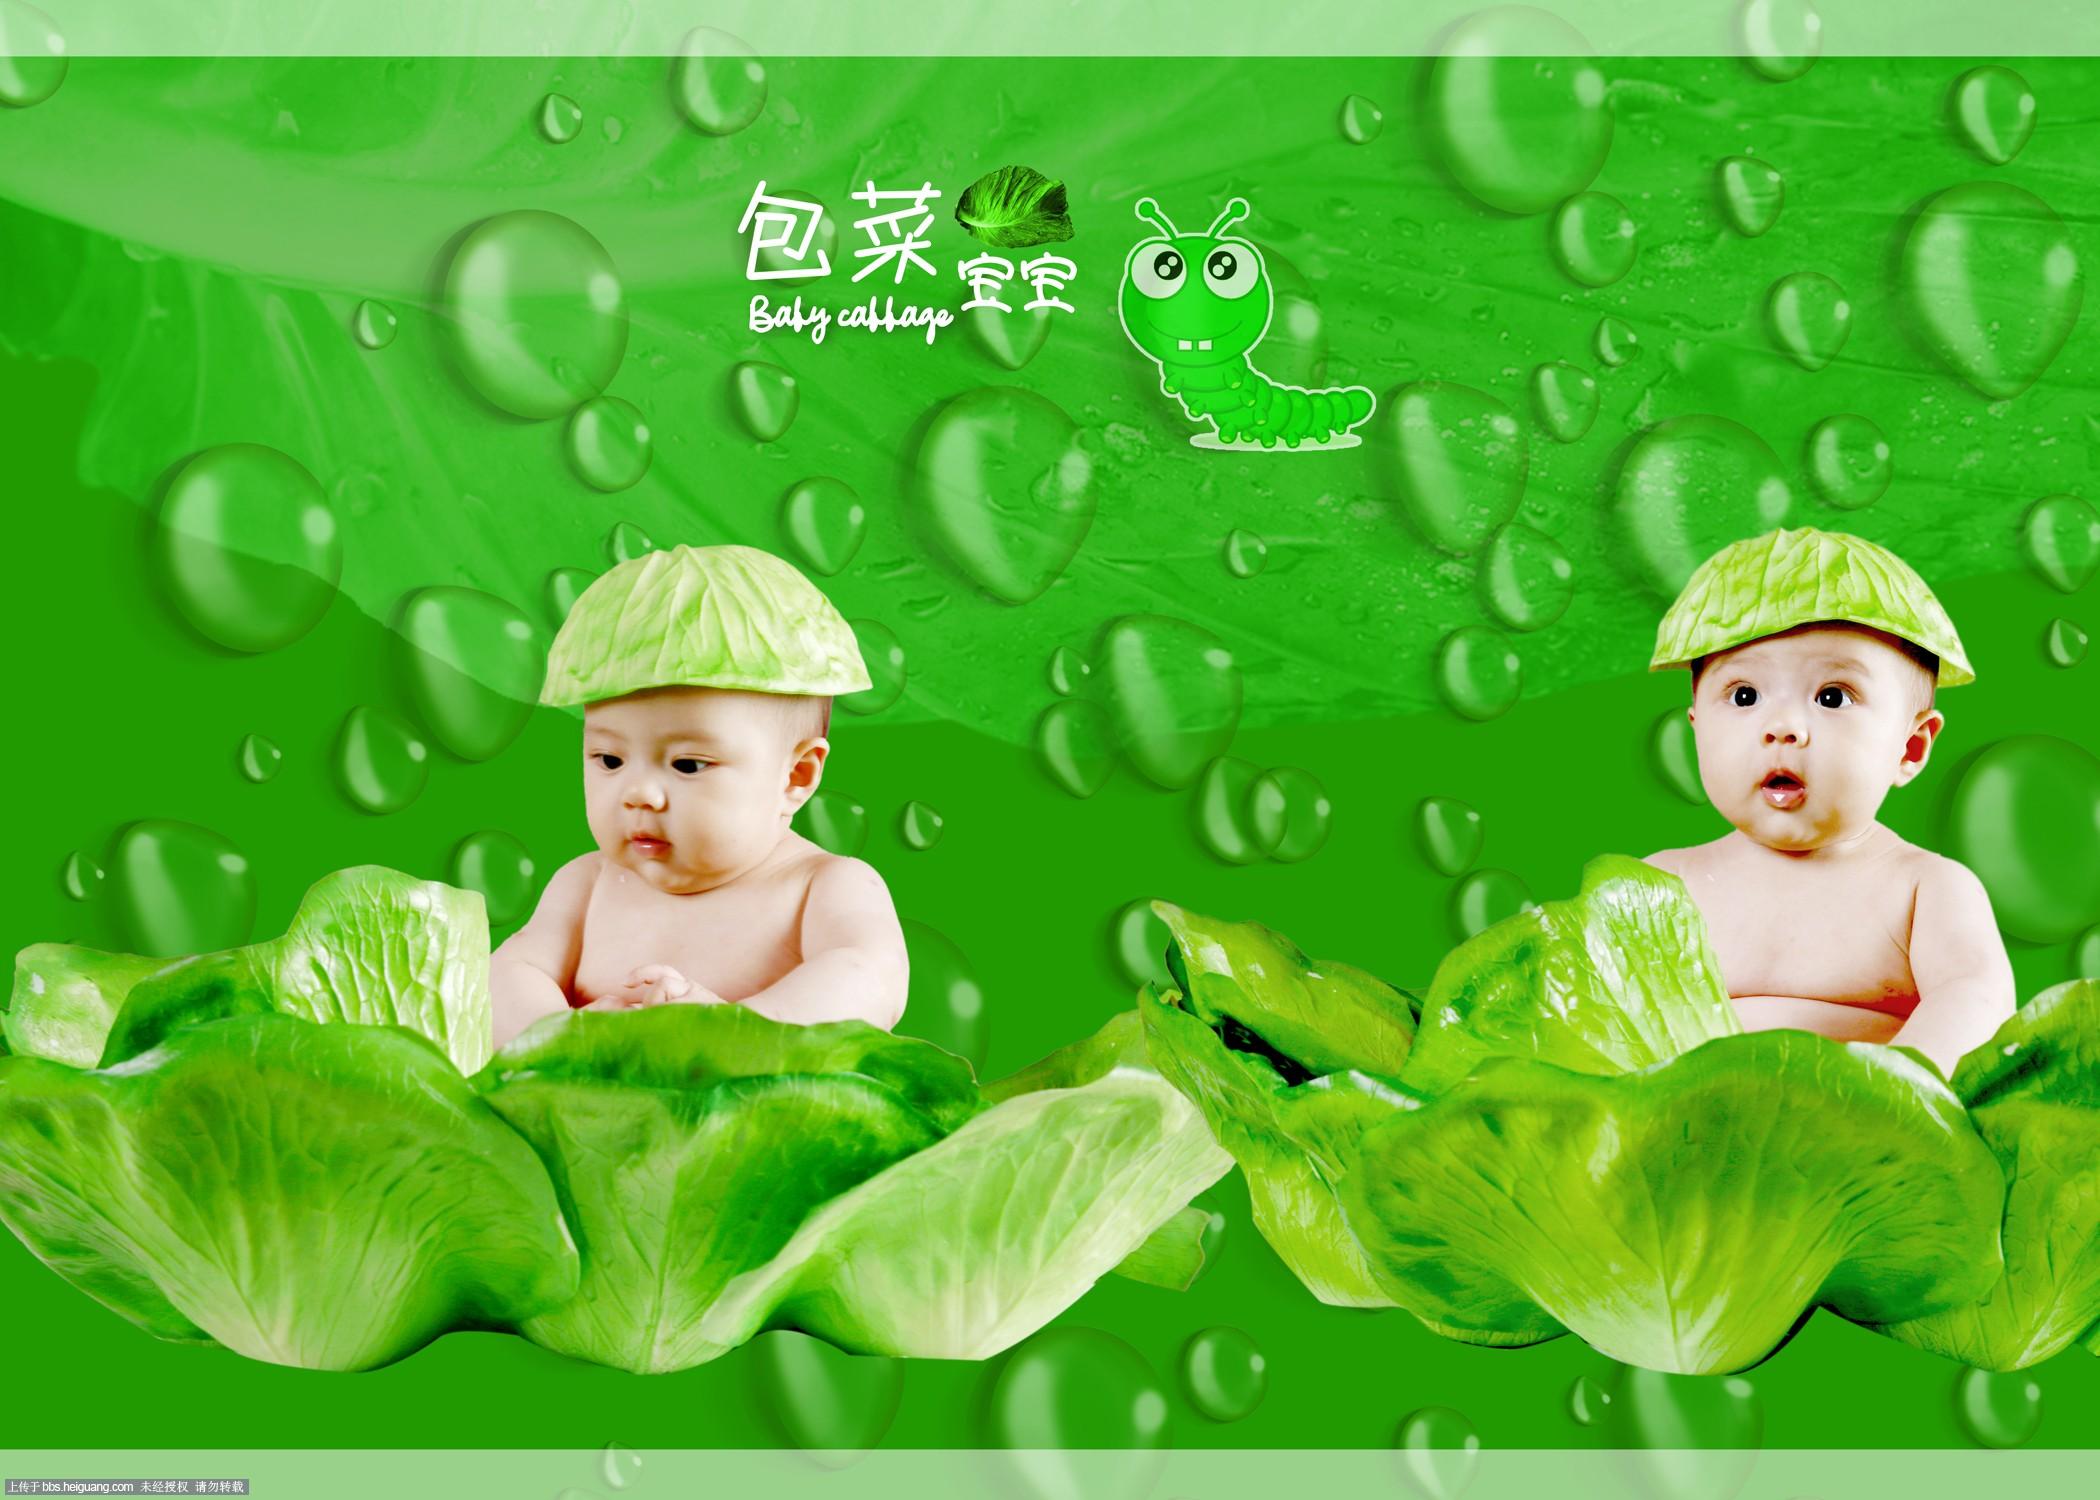 蔬菜宝宝_儿童摄影作品